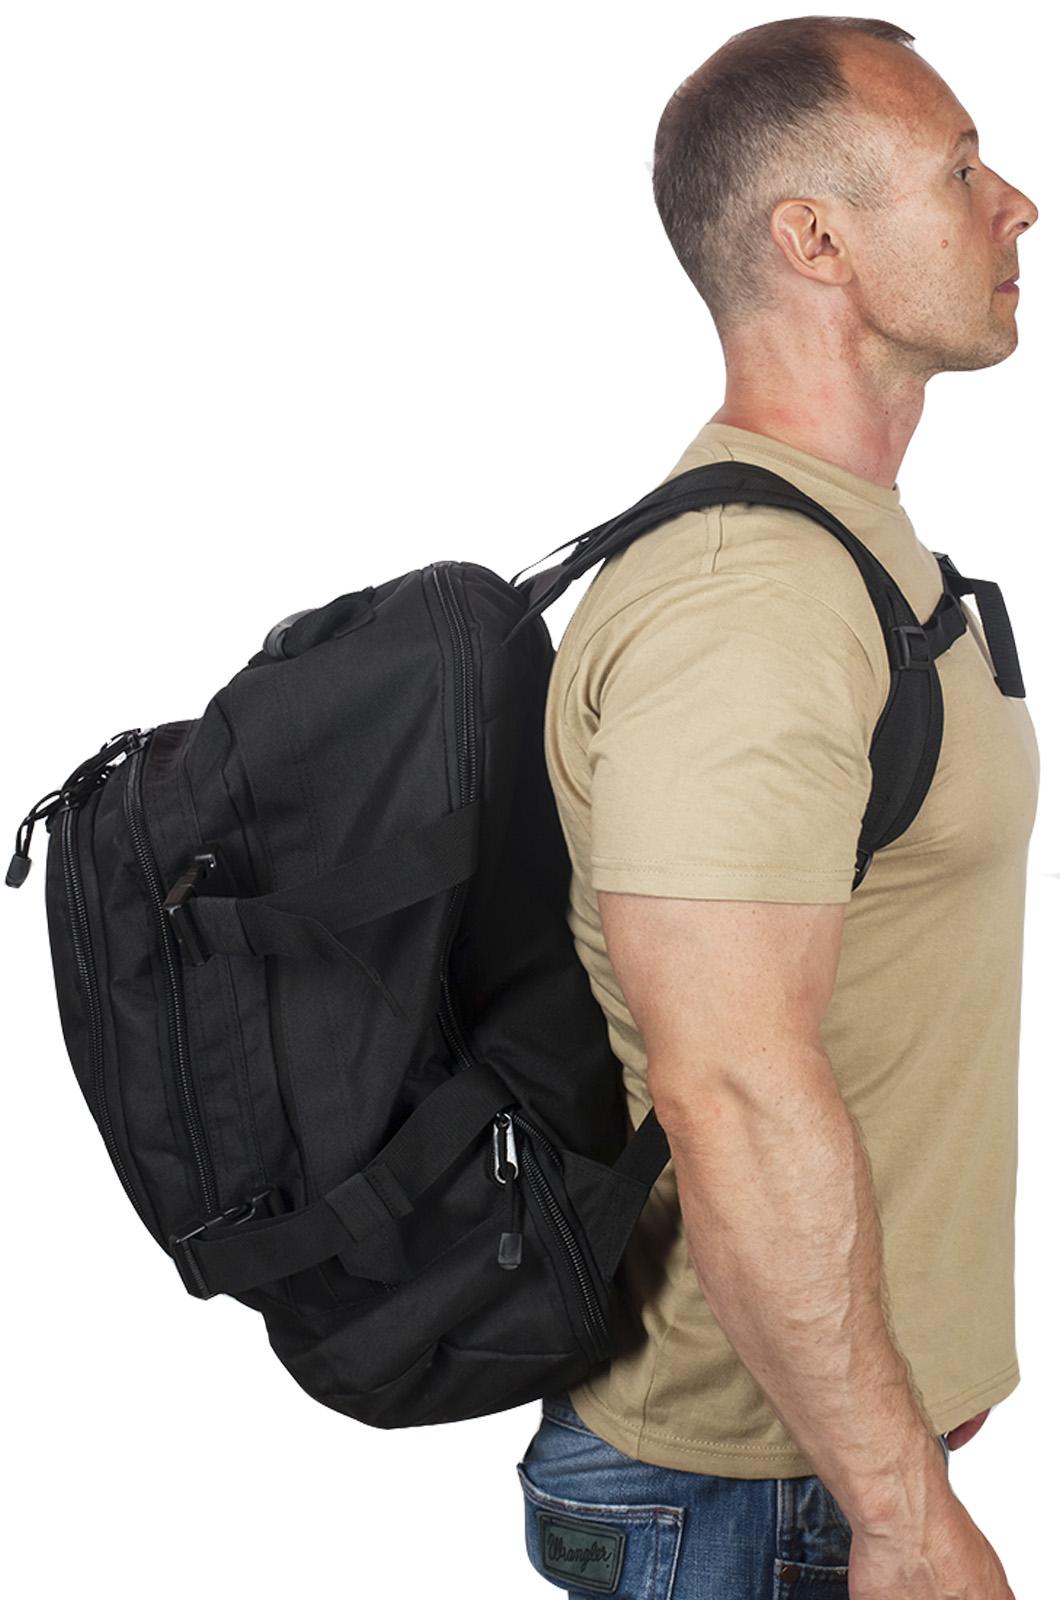 Универсальный черный рюкзак с эмблемой Охотничьего спецназа купить с доставкой